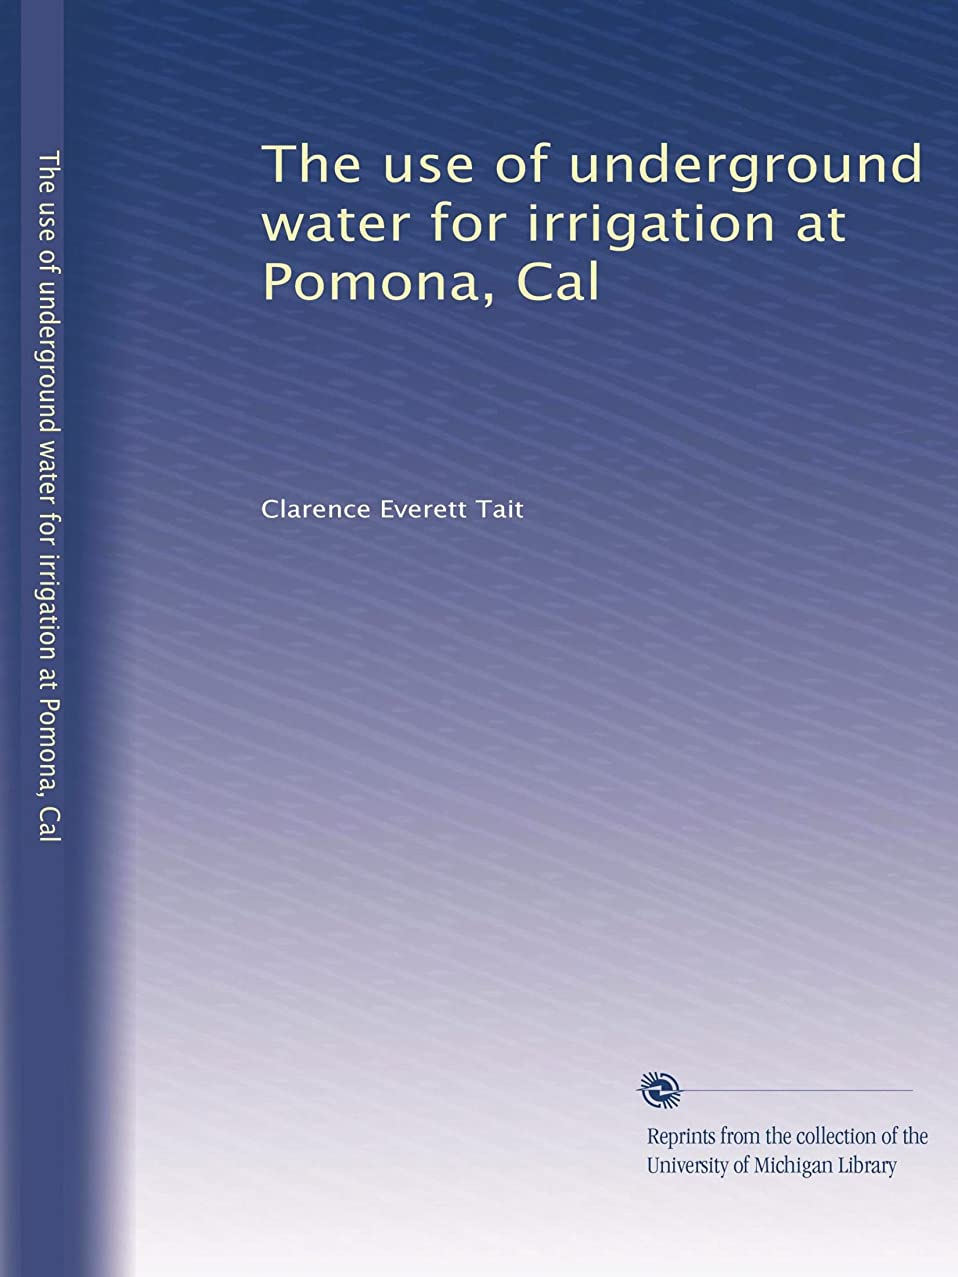 安定カルシウムゆりThe use of underground water for irrigation at Pomona, Cal